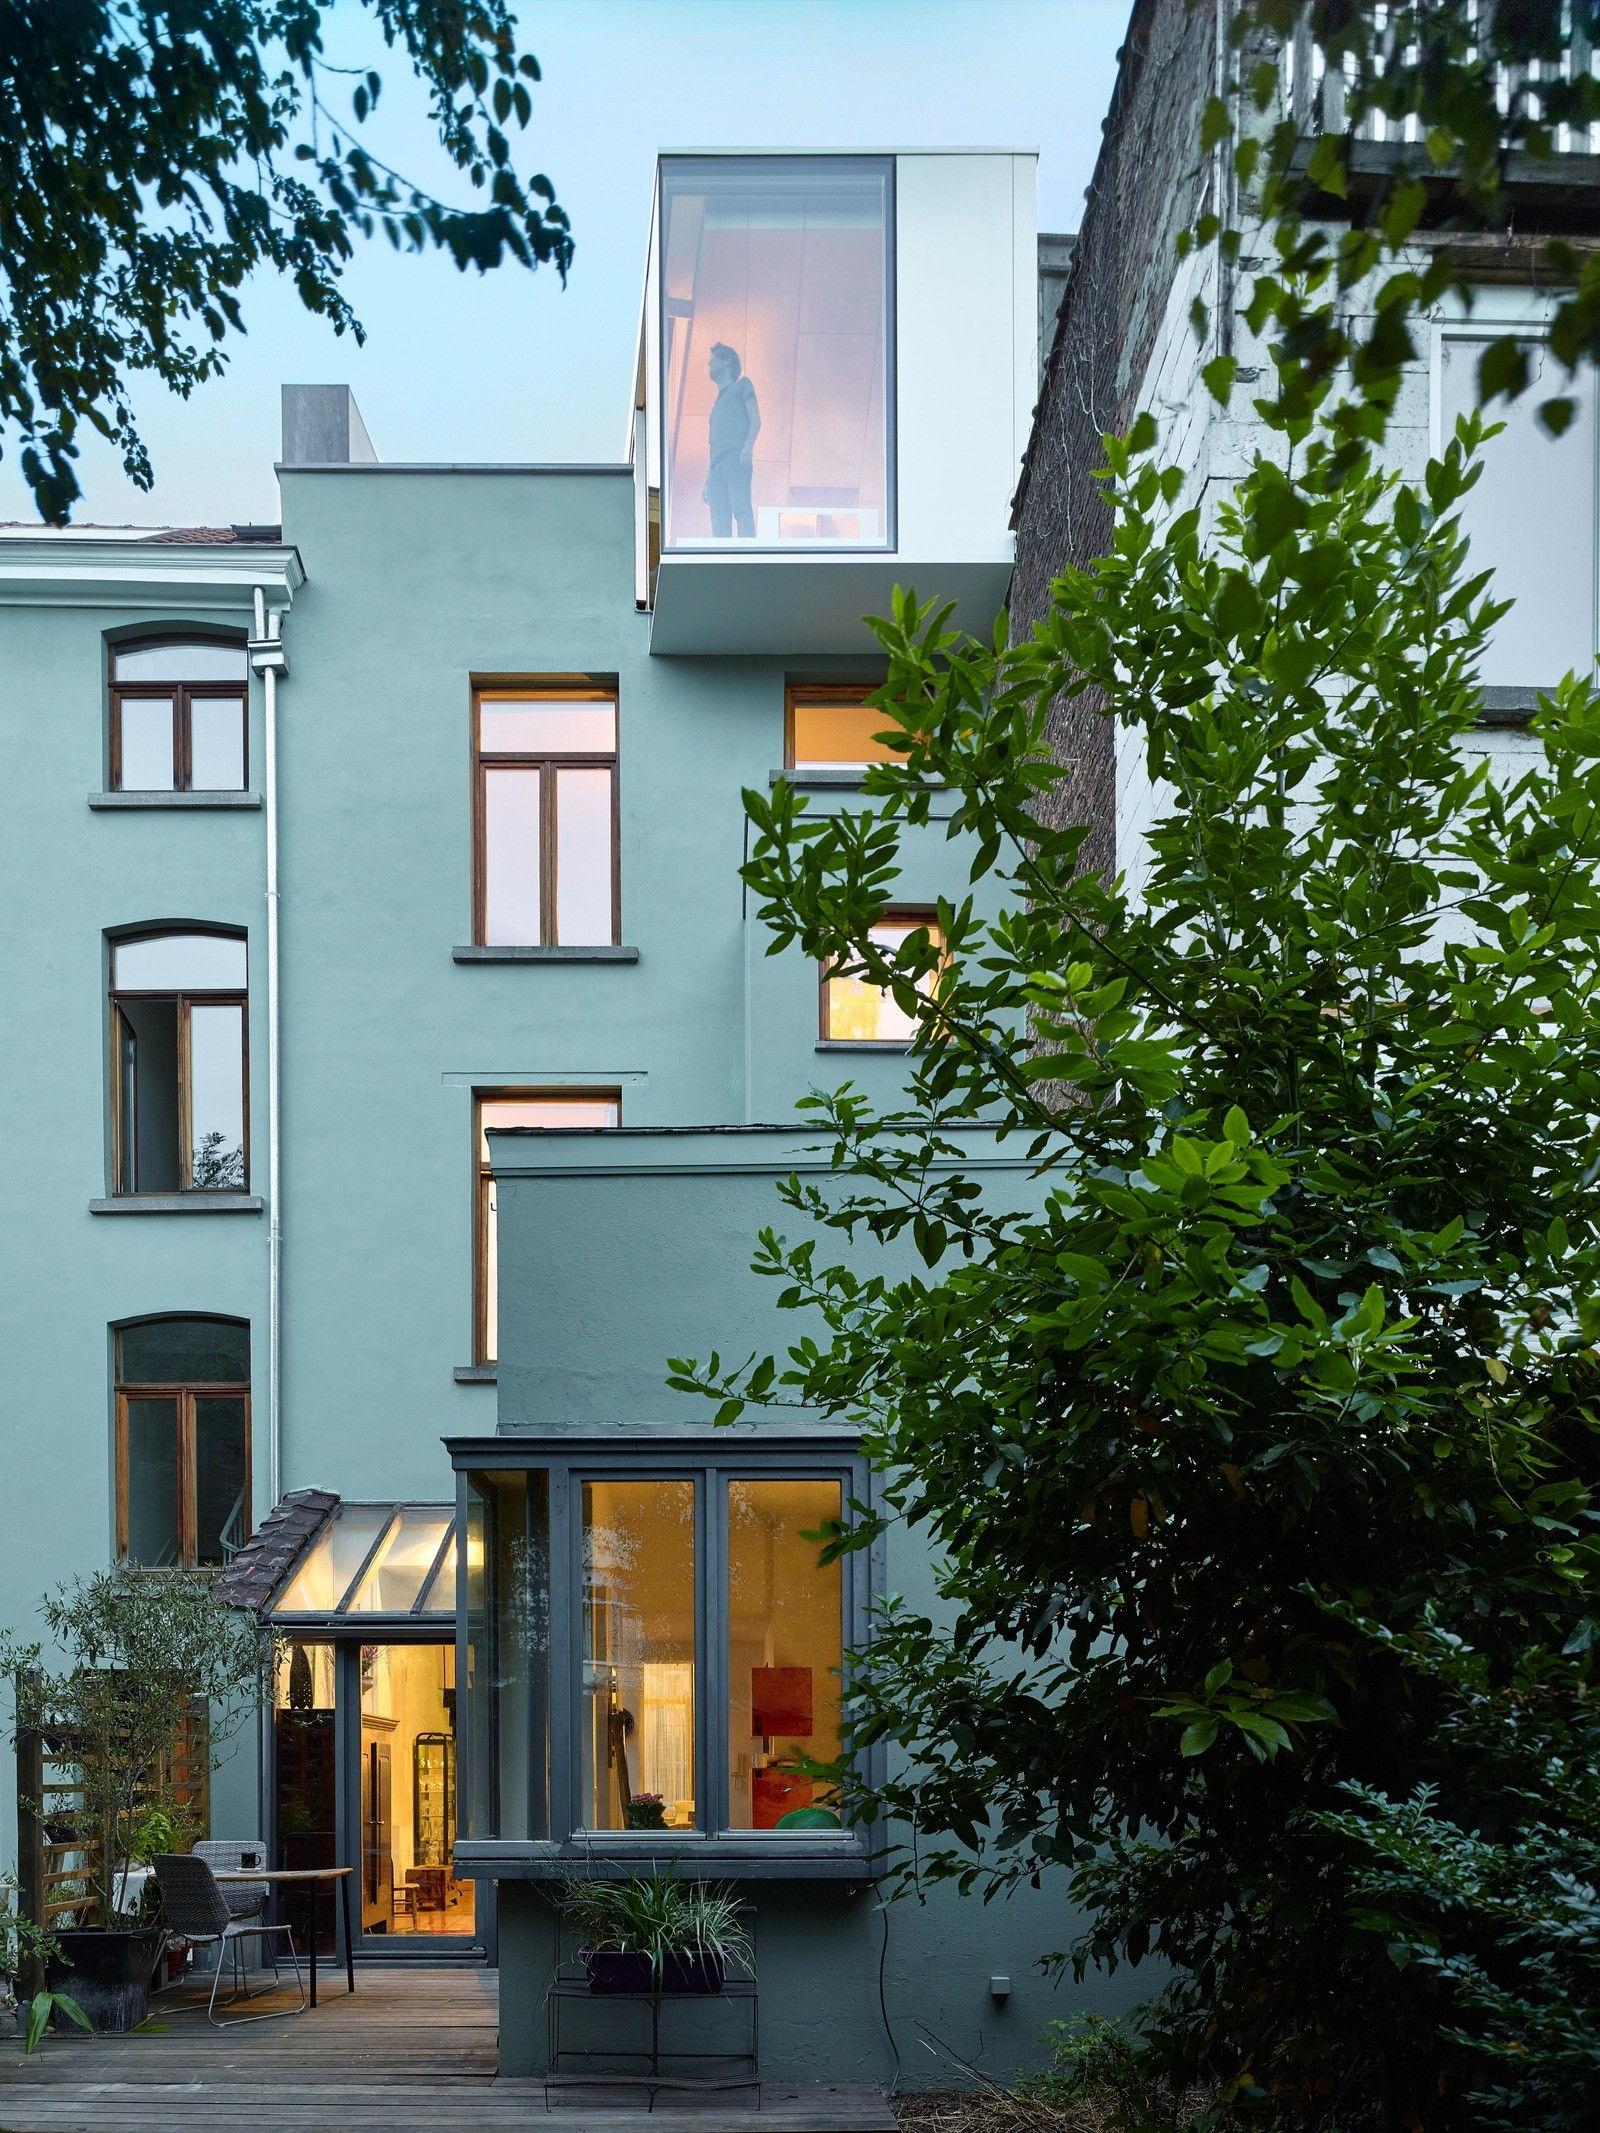 House-in-Belgium-just3ds.com-1